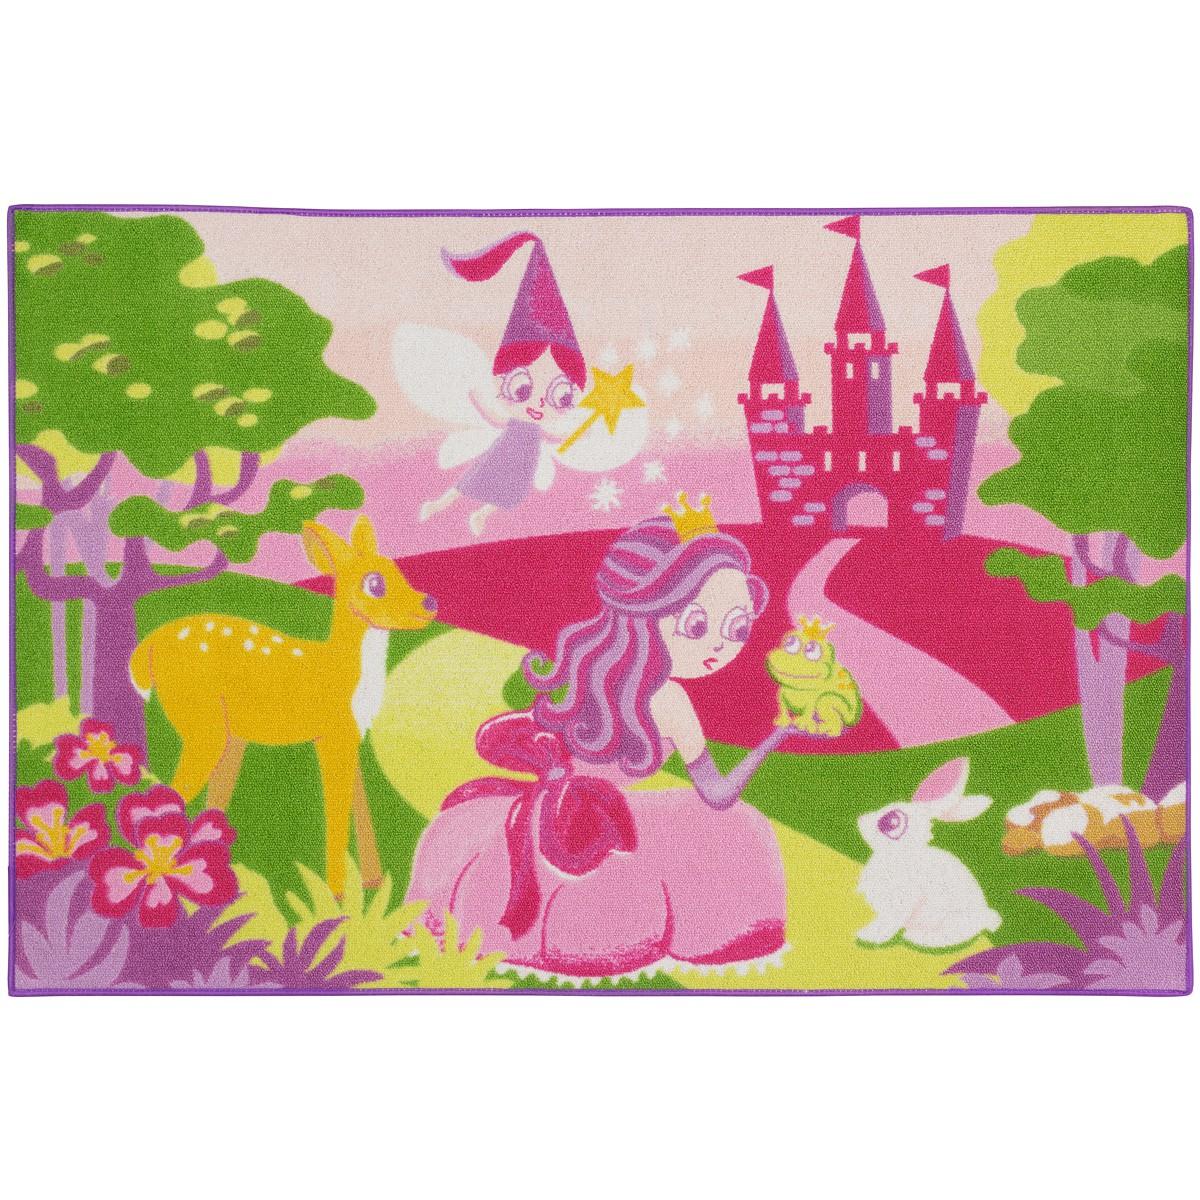 Teppich Kinderteppich Prinzessin Fee Tiere Spielteppich